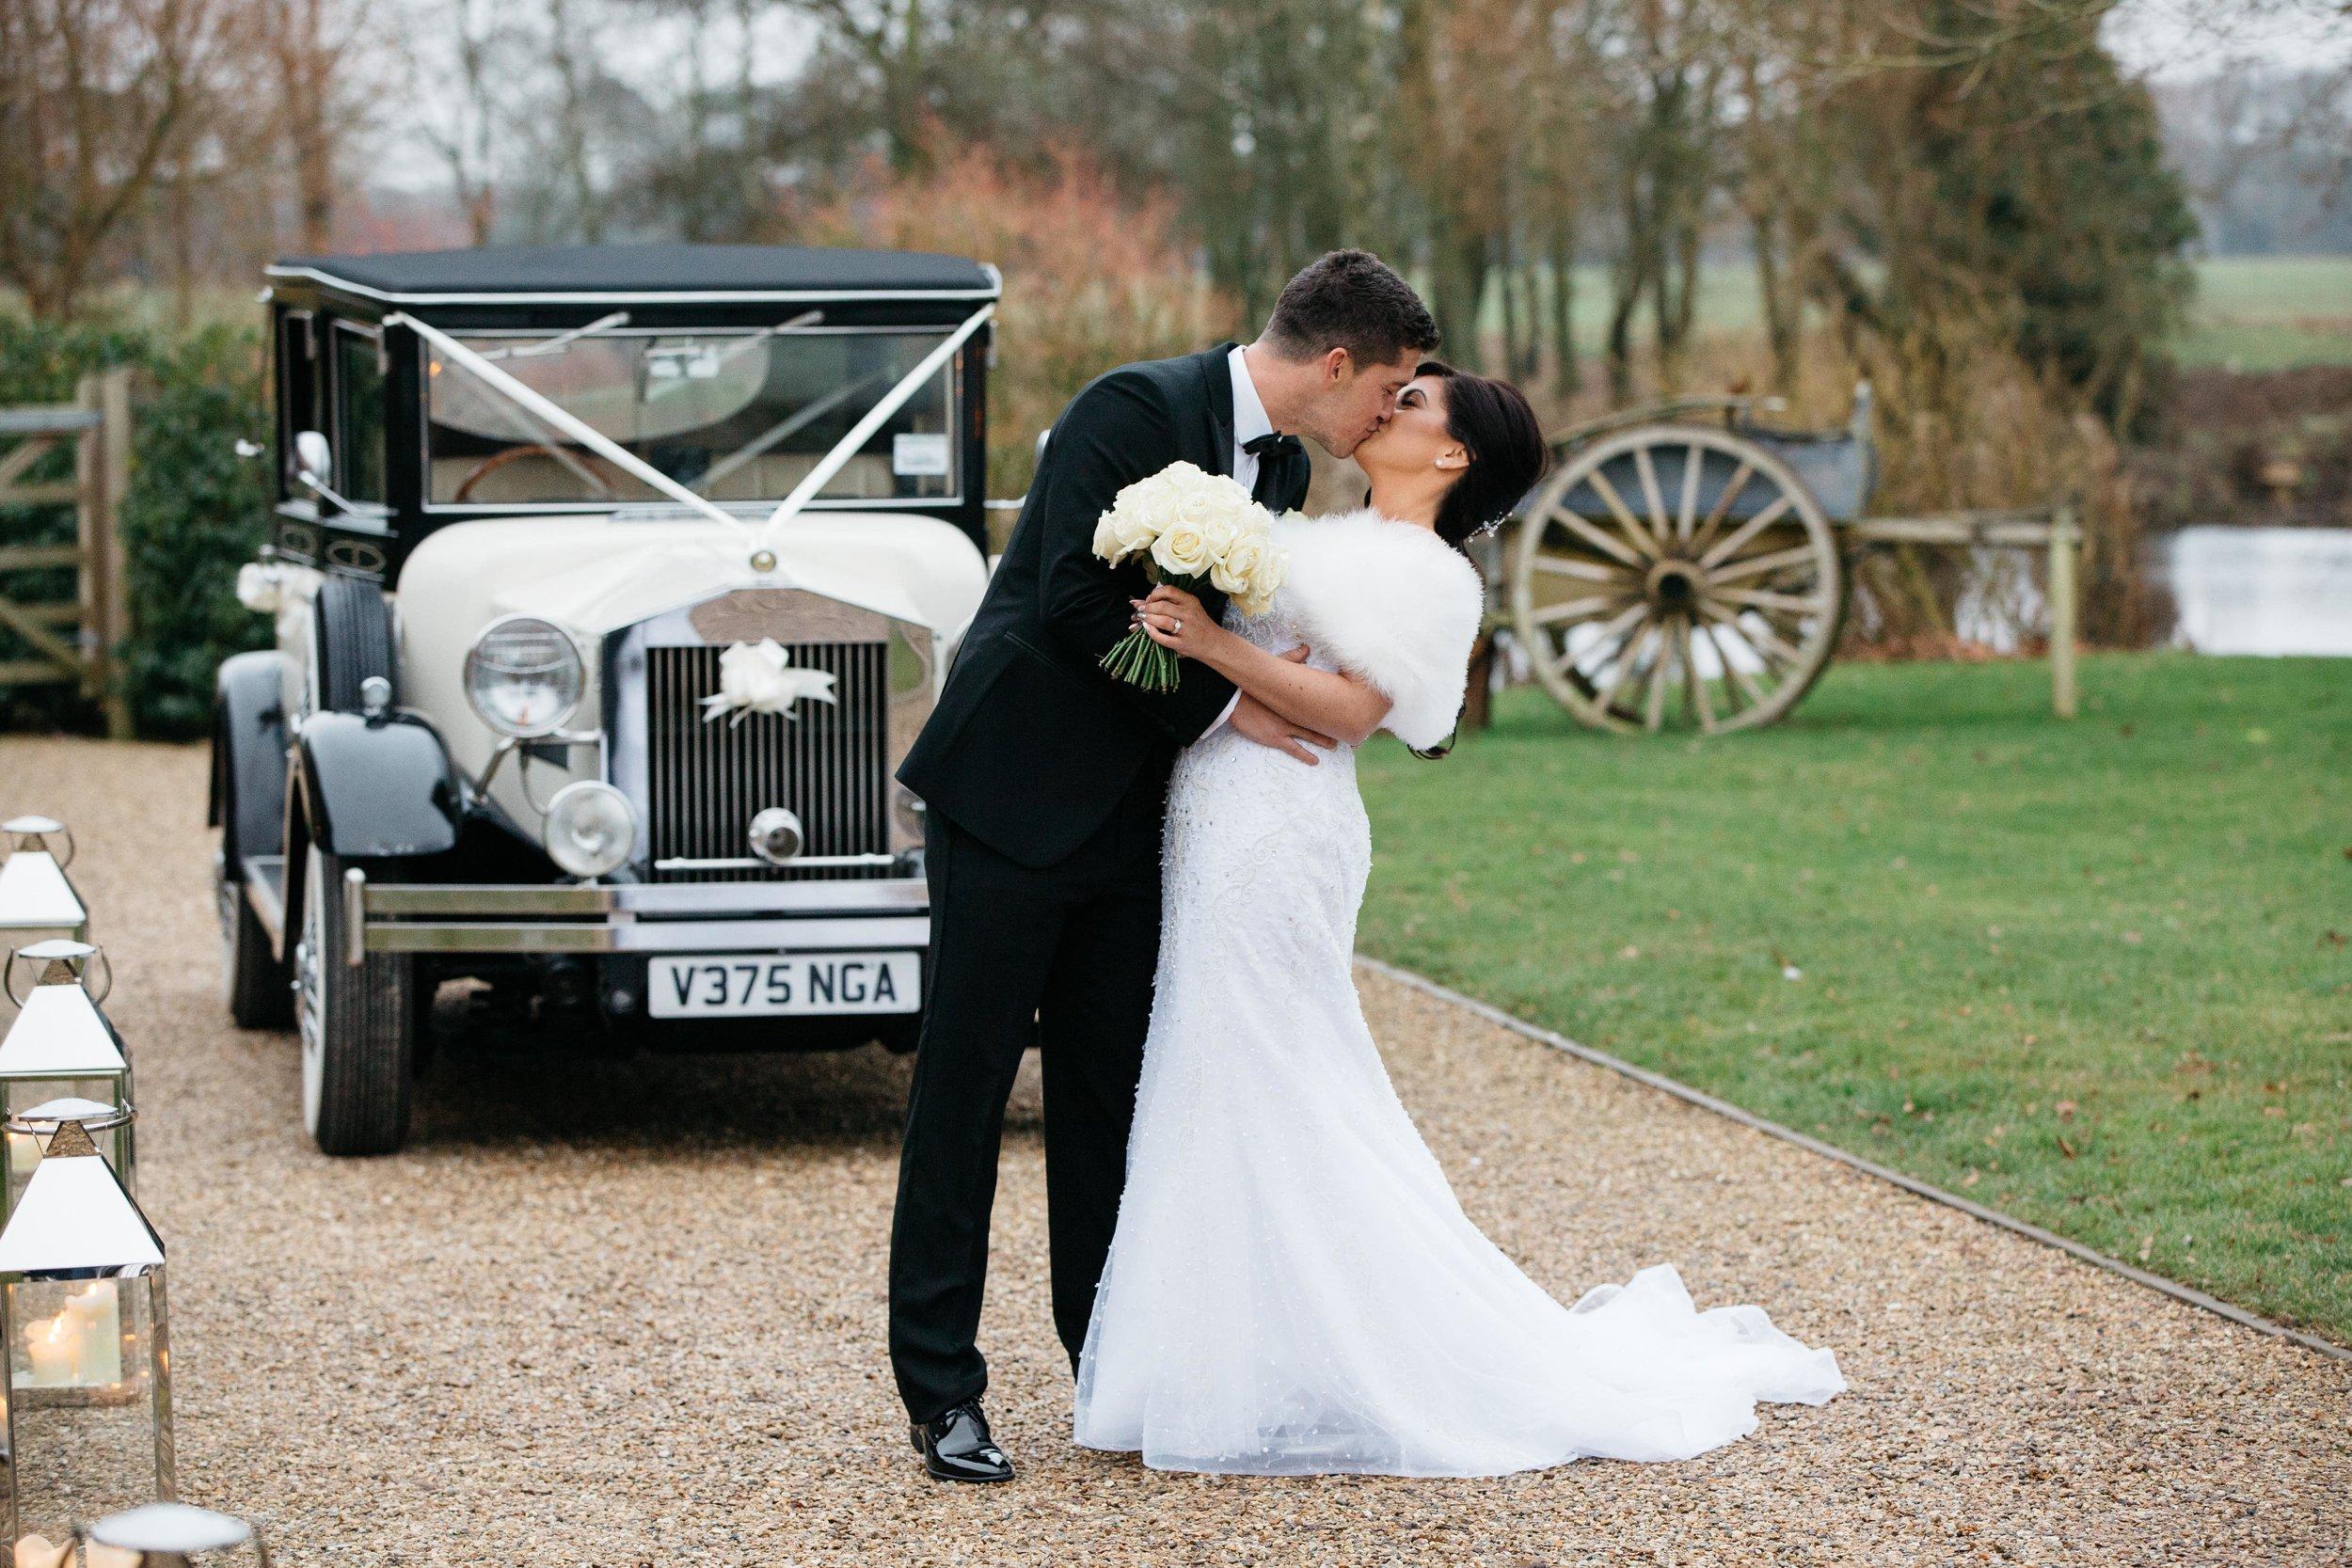 wedding 301-min.jpg